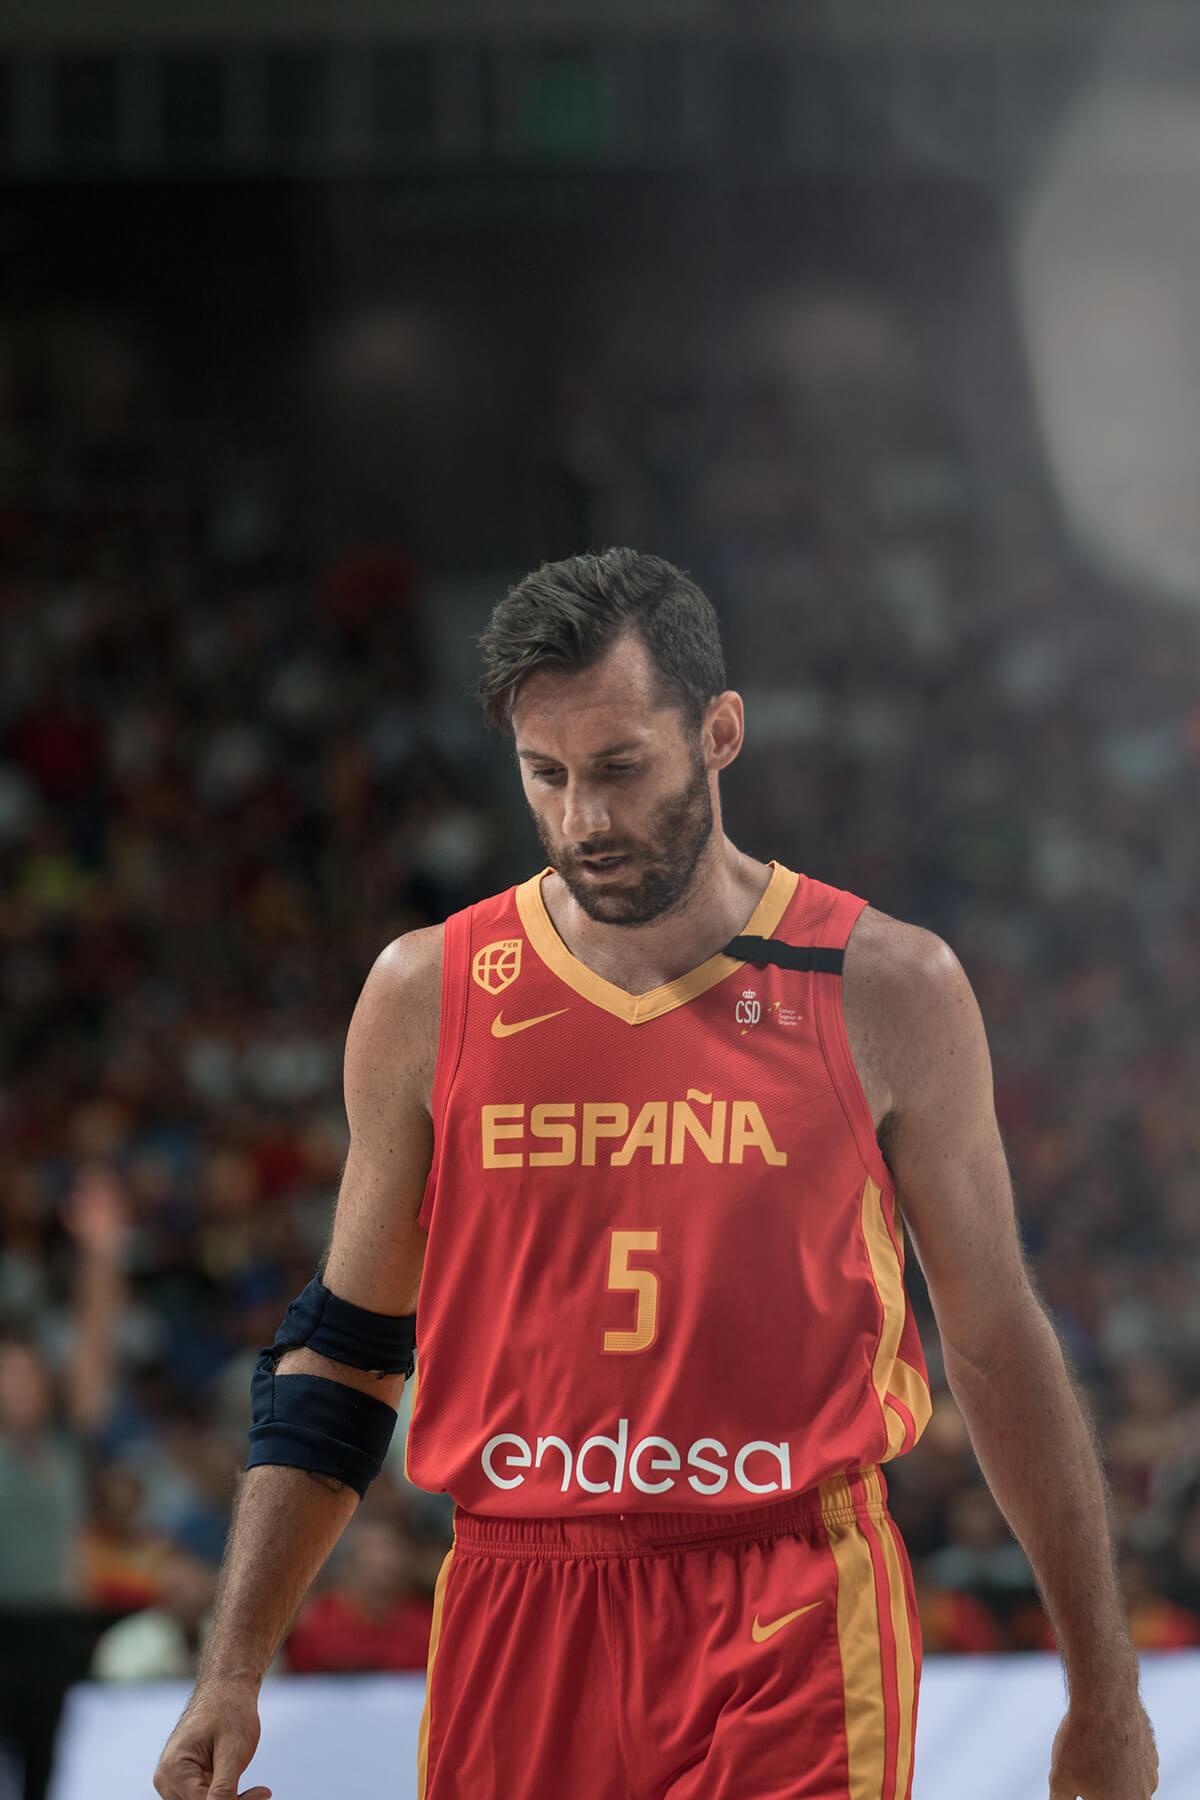 España VS RDC - Rudy